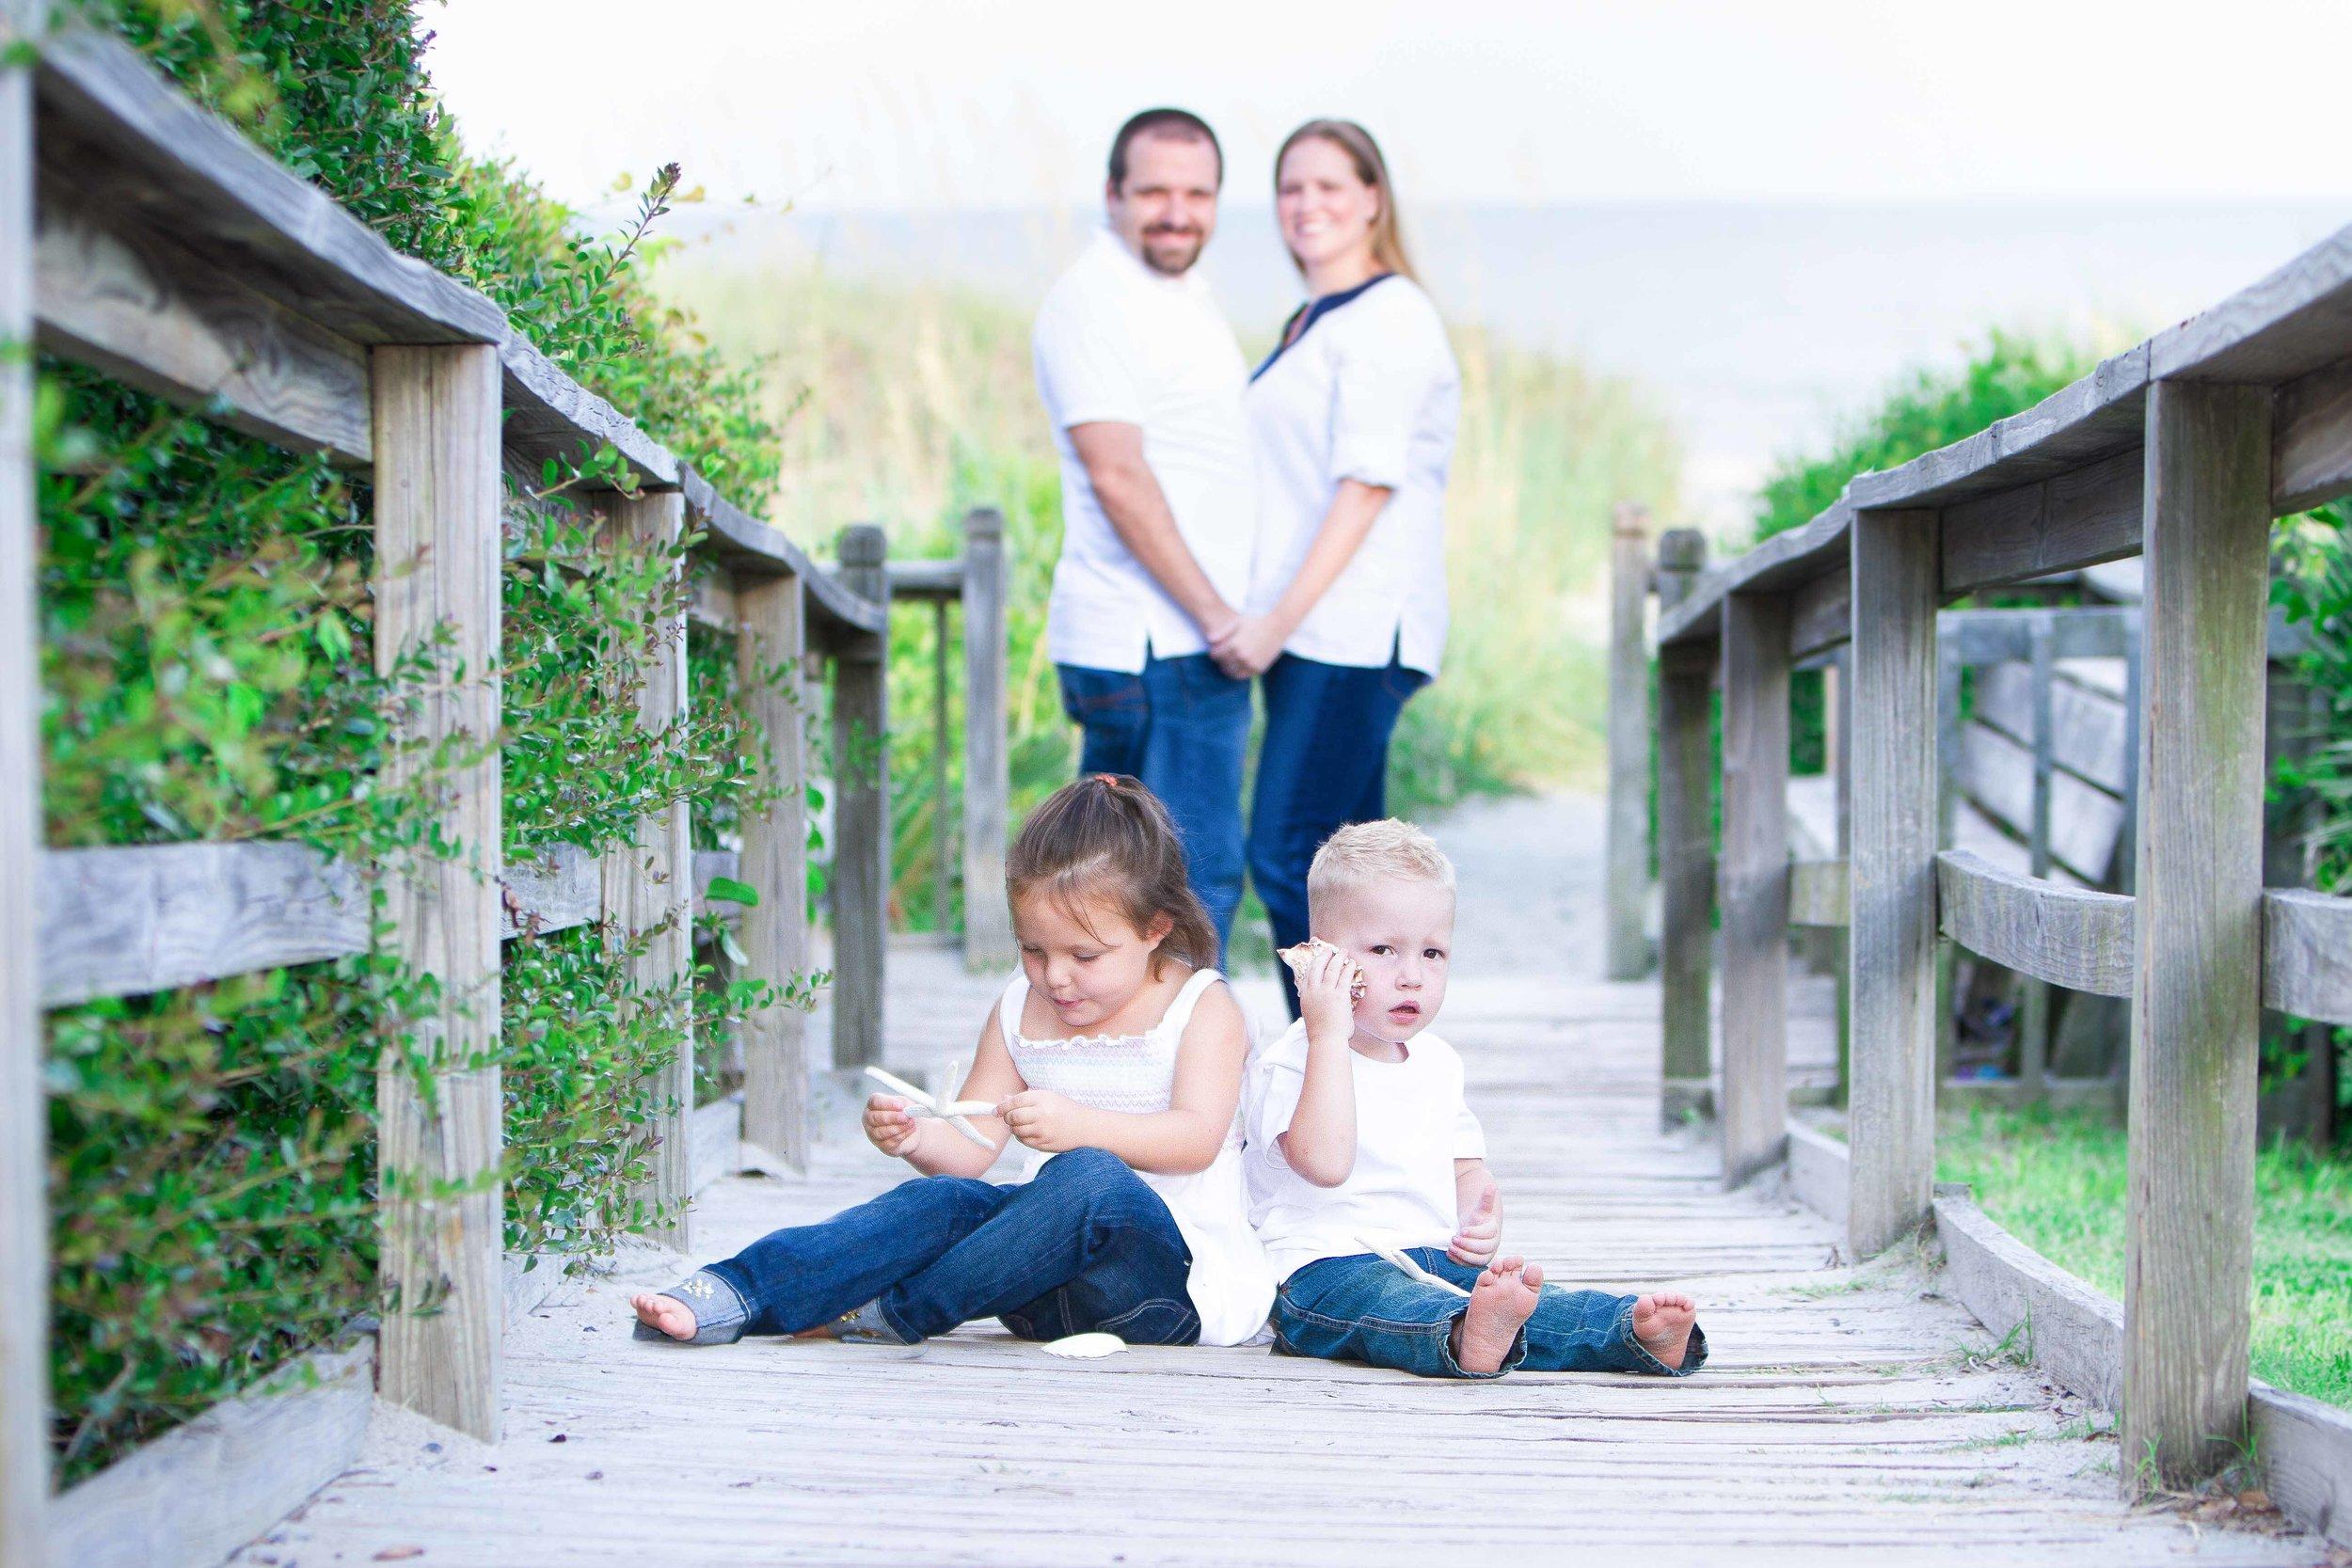 Myrtle beach family photographer ramona nicolae photography beach photos.jpg